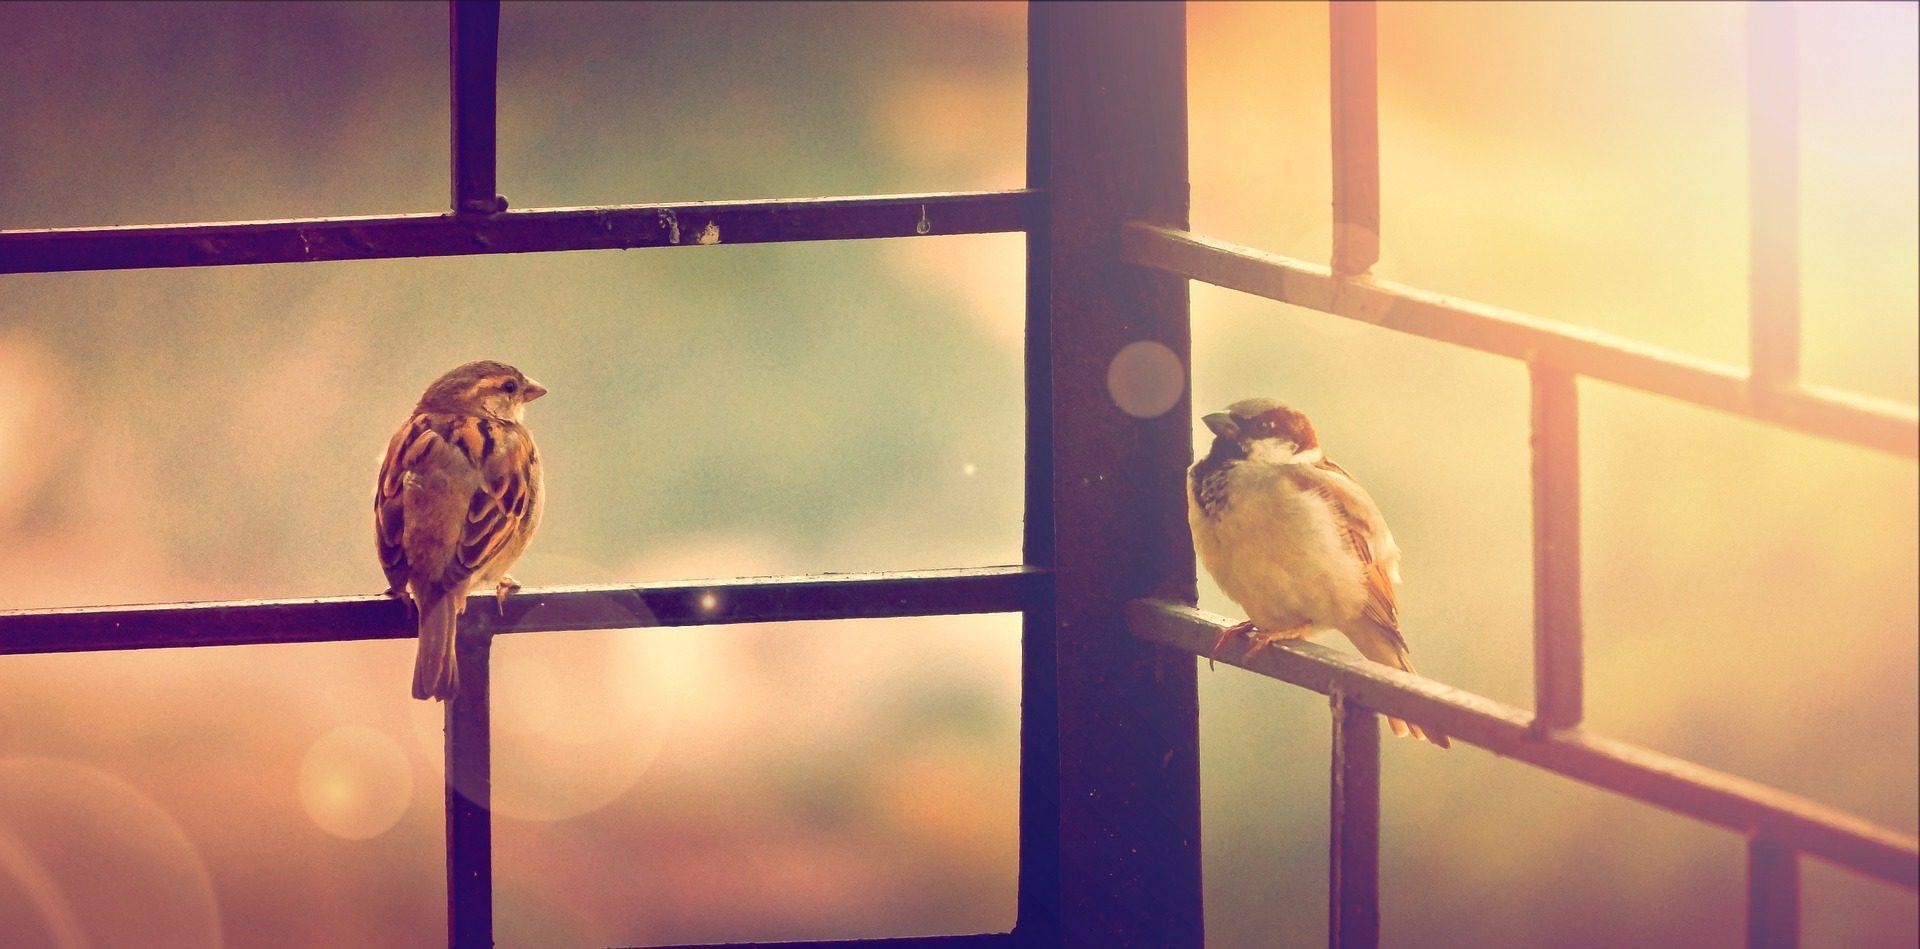 スズメ, pájaros, 鳥, バー, キュー - HD の壁紙 - 教授-falken.com